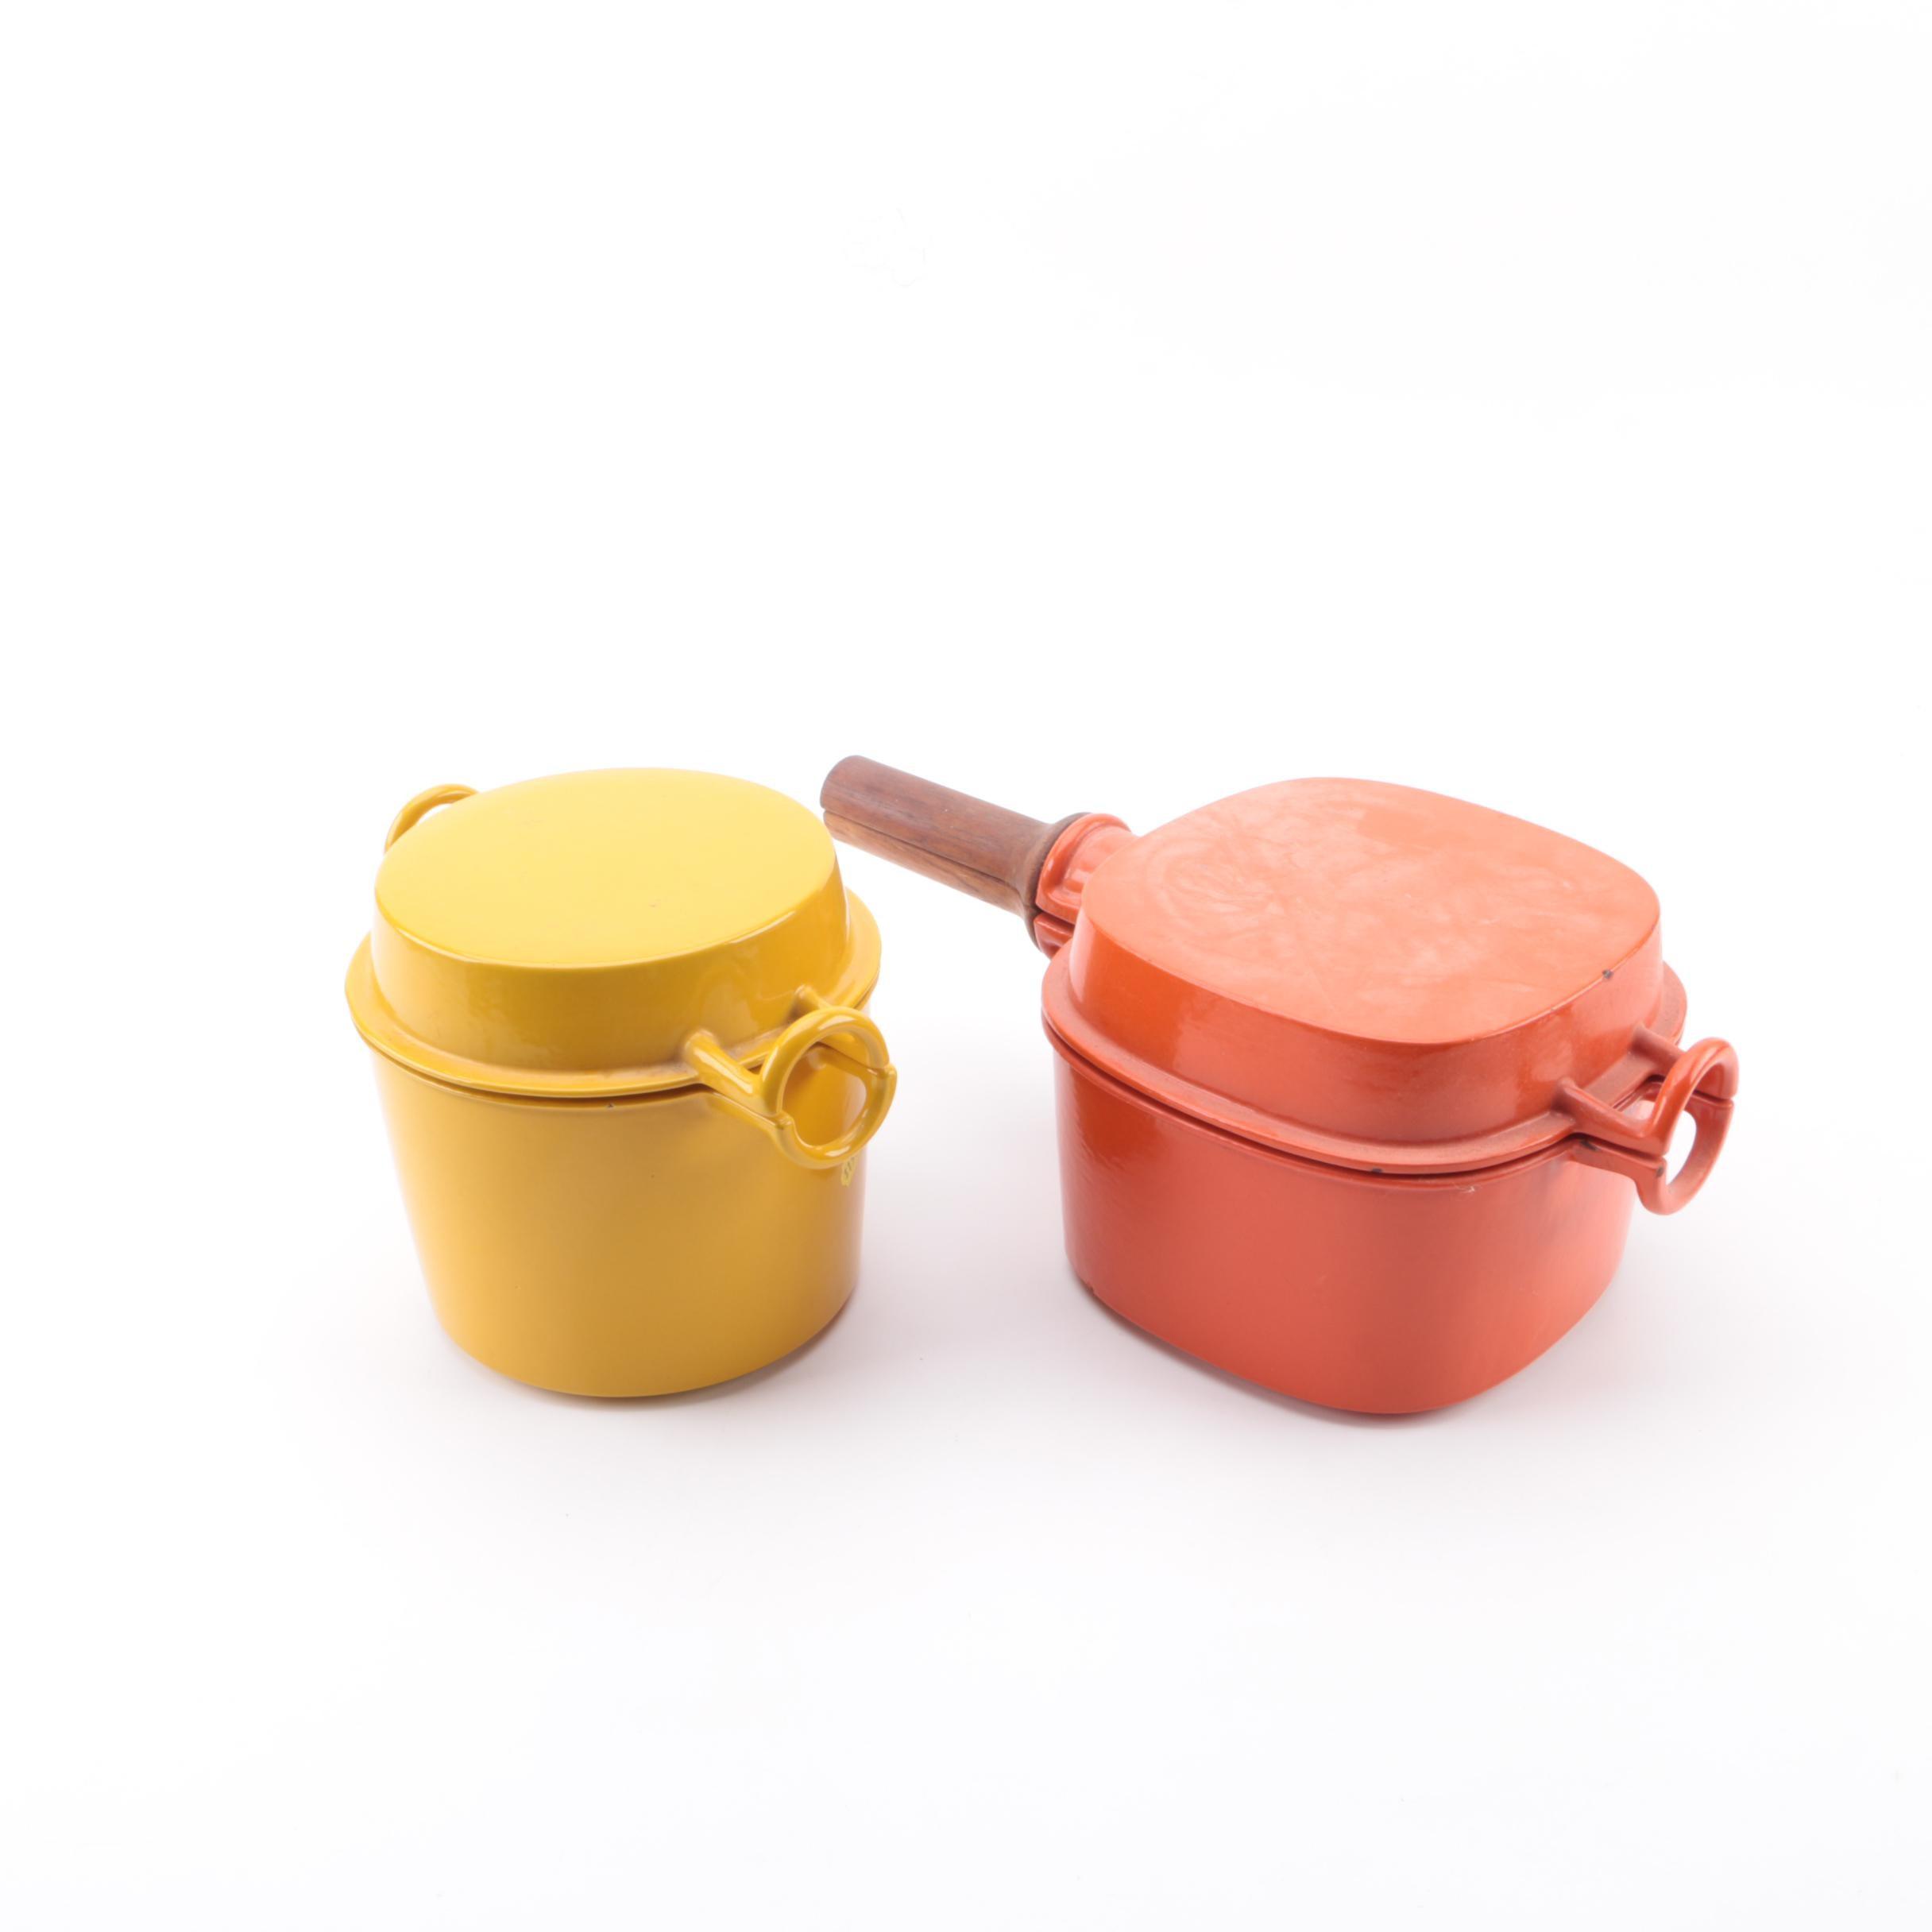 Vintage Dansk Orecast Enameled Cookware, 1970s